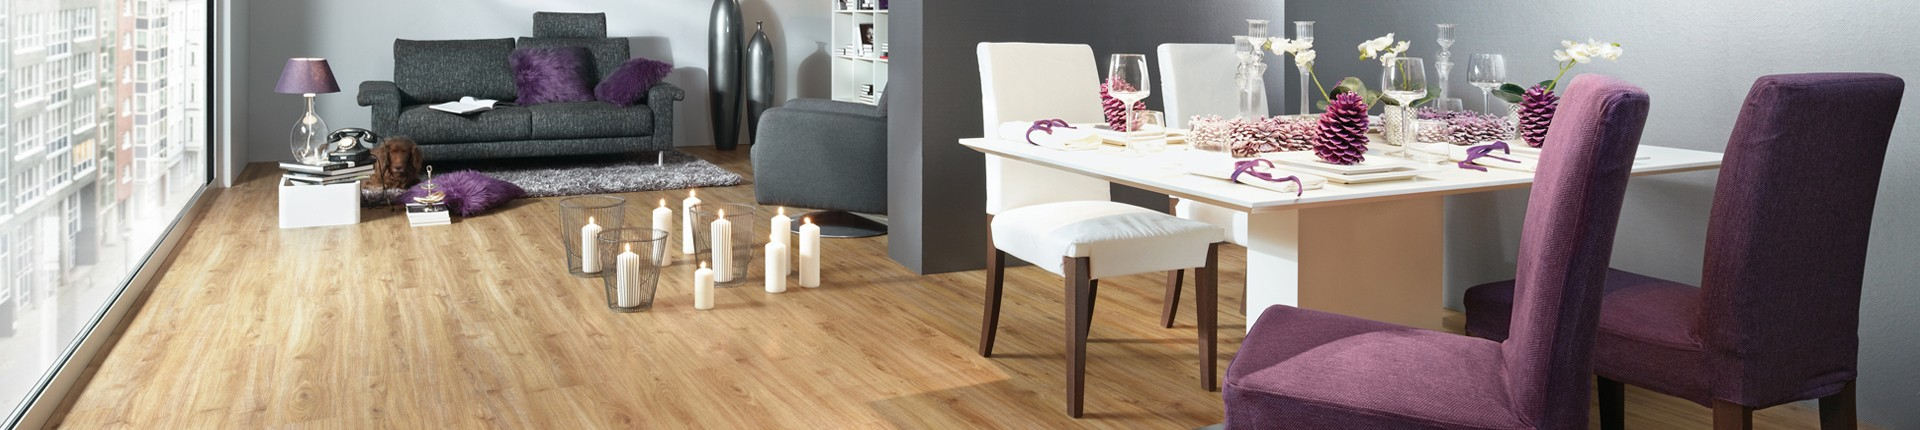 Küche mit gedecktem Esstisch und Holzboden. Kerzen stehen neben dem Tisch am Boden.